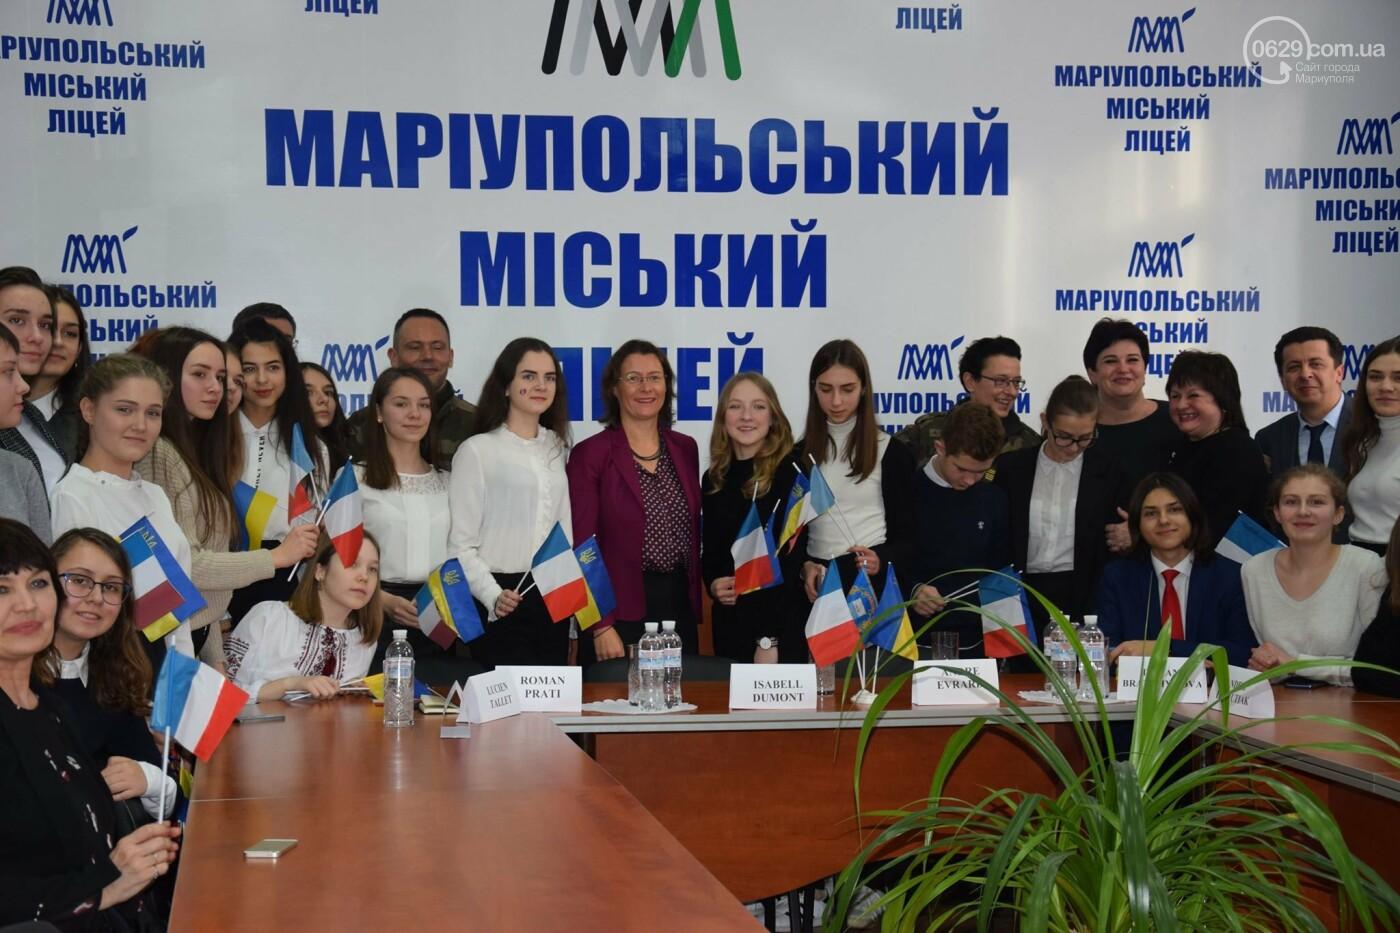 Посол Франции в Украине посетила Мариупольский лицей,- ФОТО, ВИДЕО, фото-2